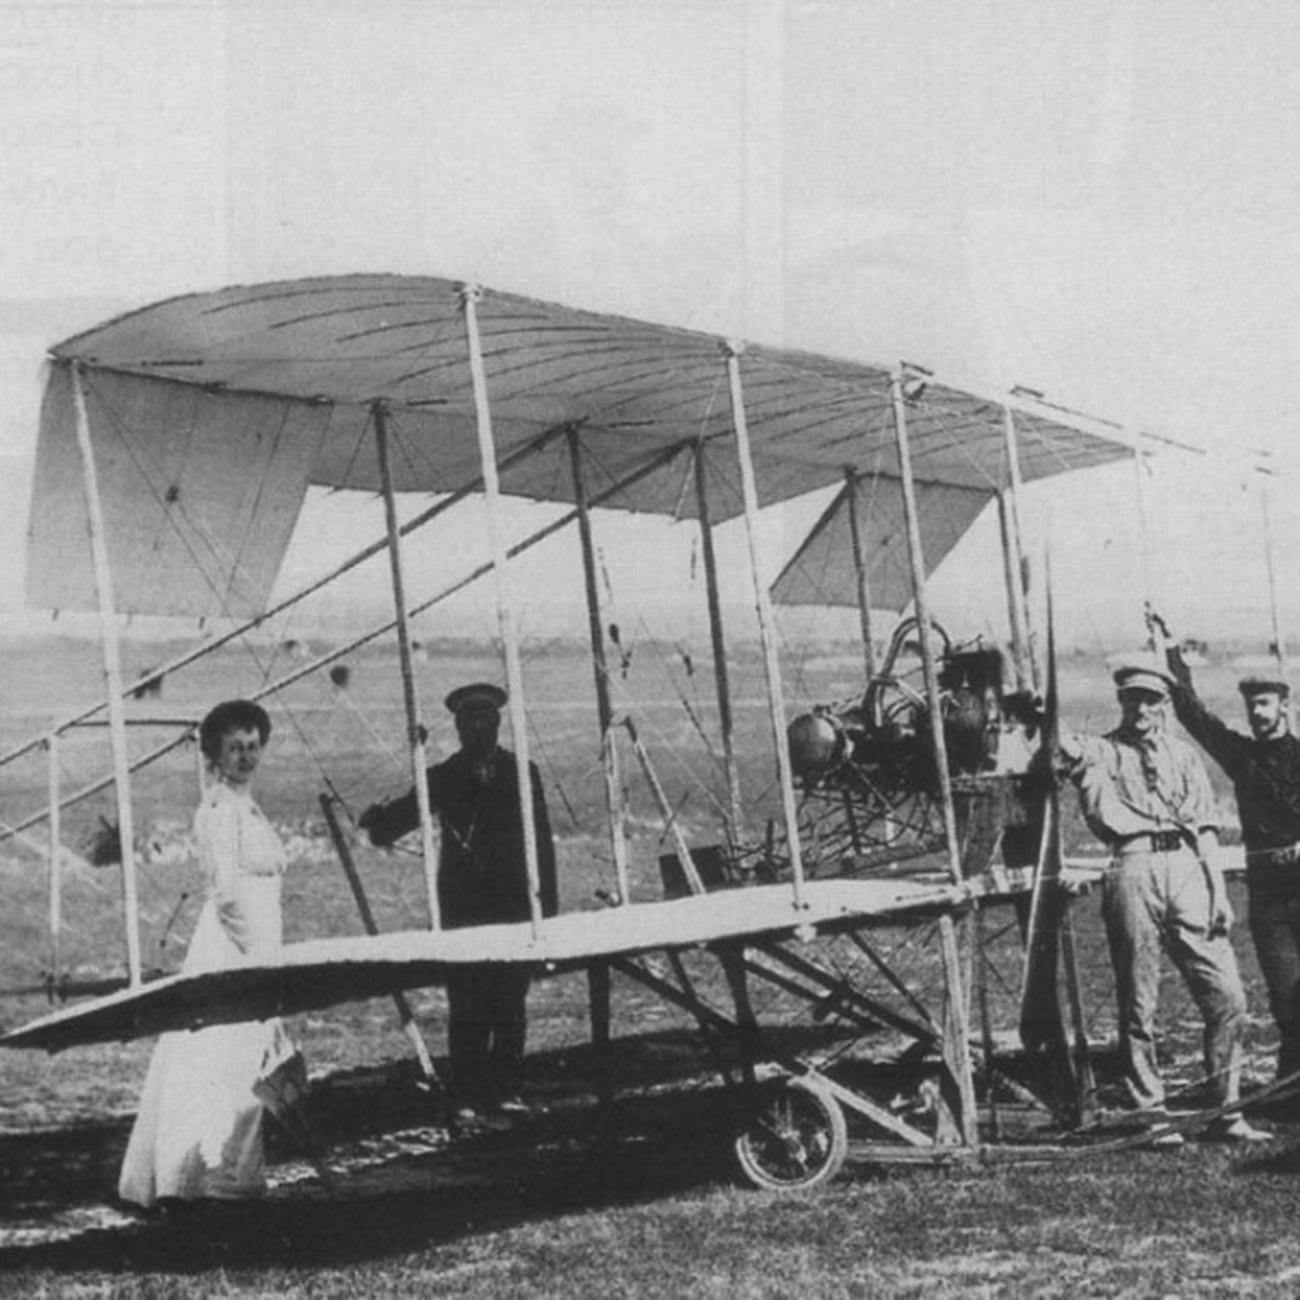 Lyiia Zvéreva al lado del primer avión ruso Kudáshev-1